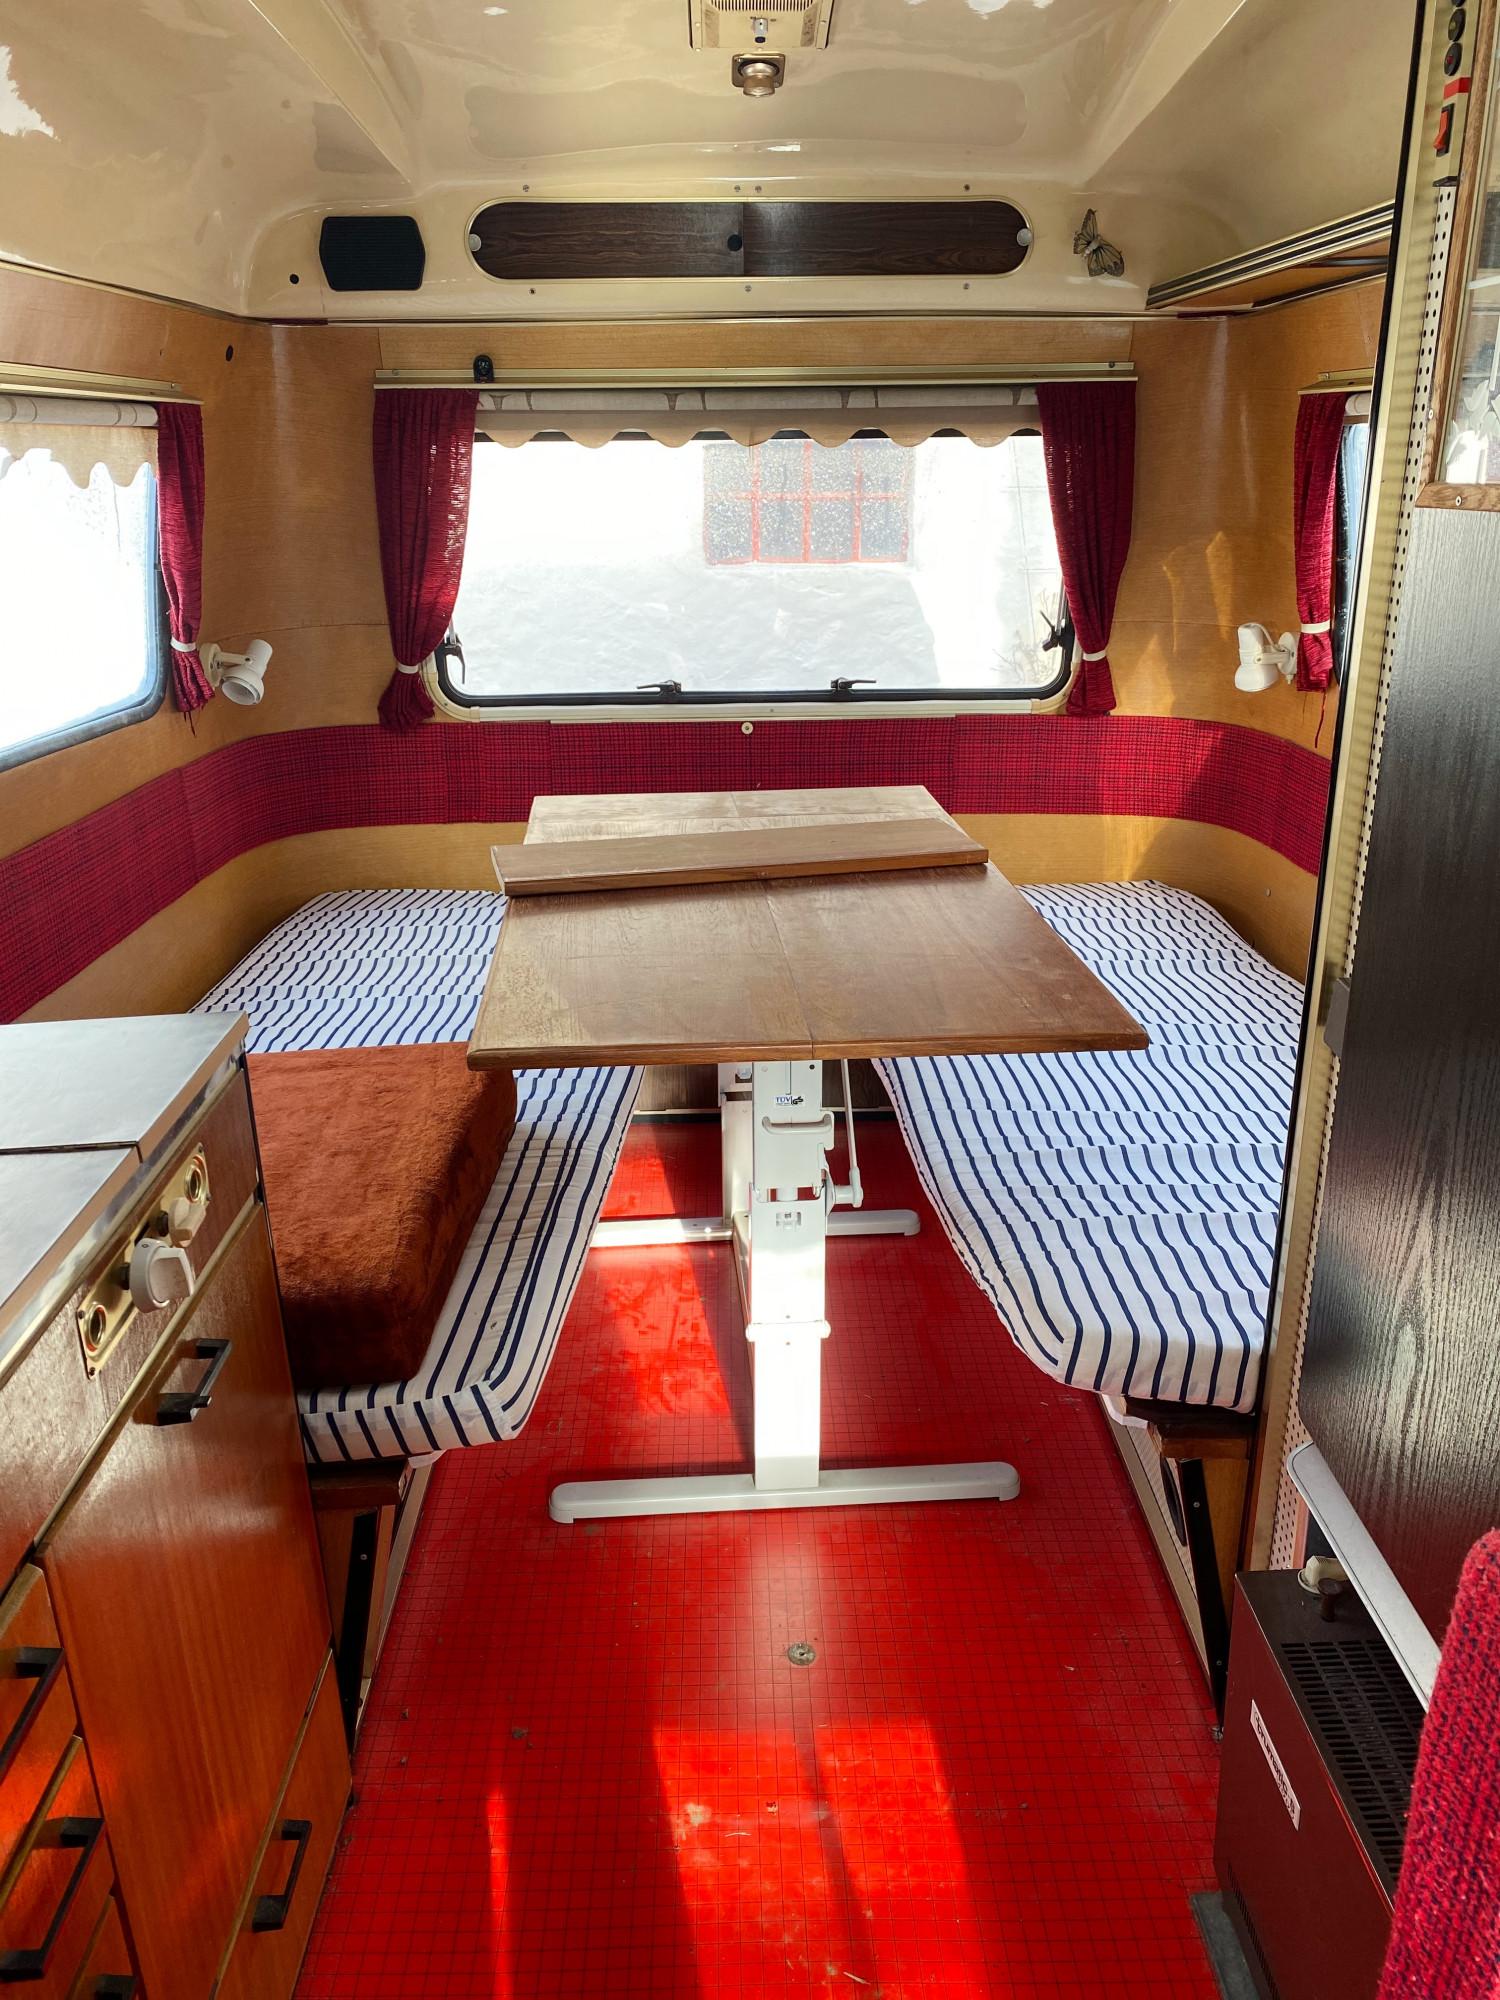 Mkp-renovering-af-campingvogn